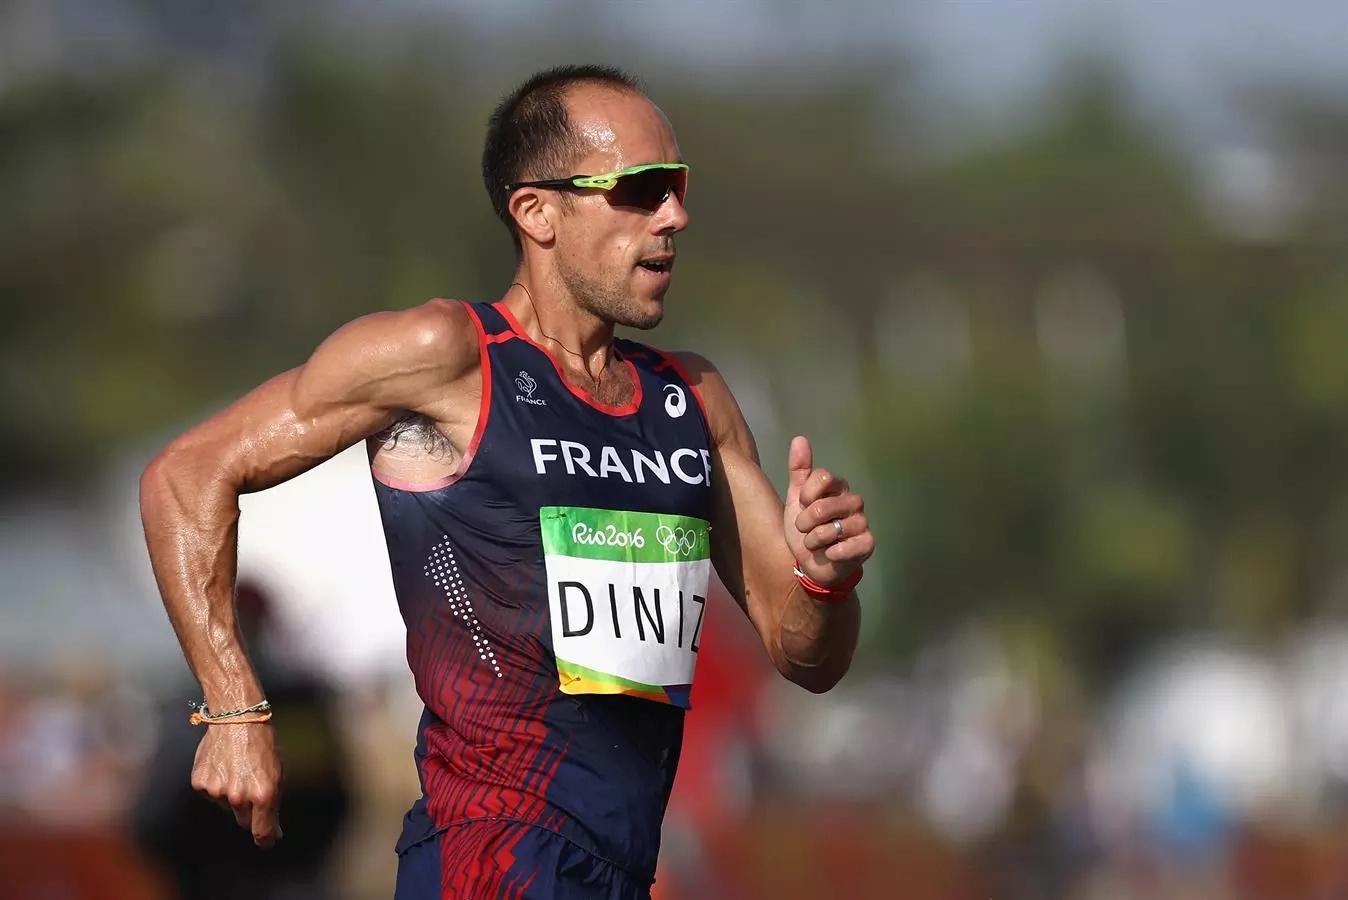 Atleta francés defecó en su short mientras marchaba